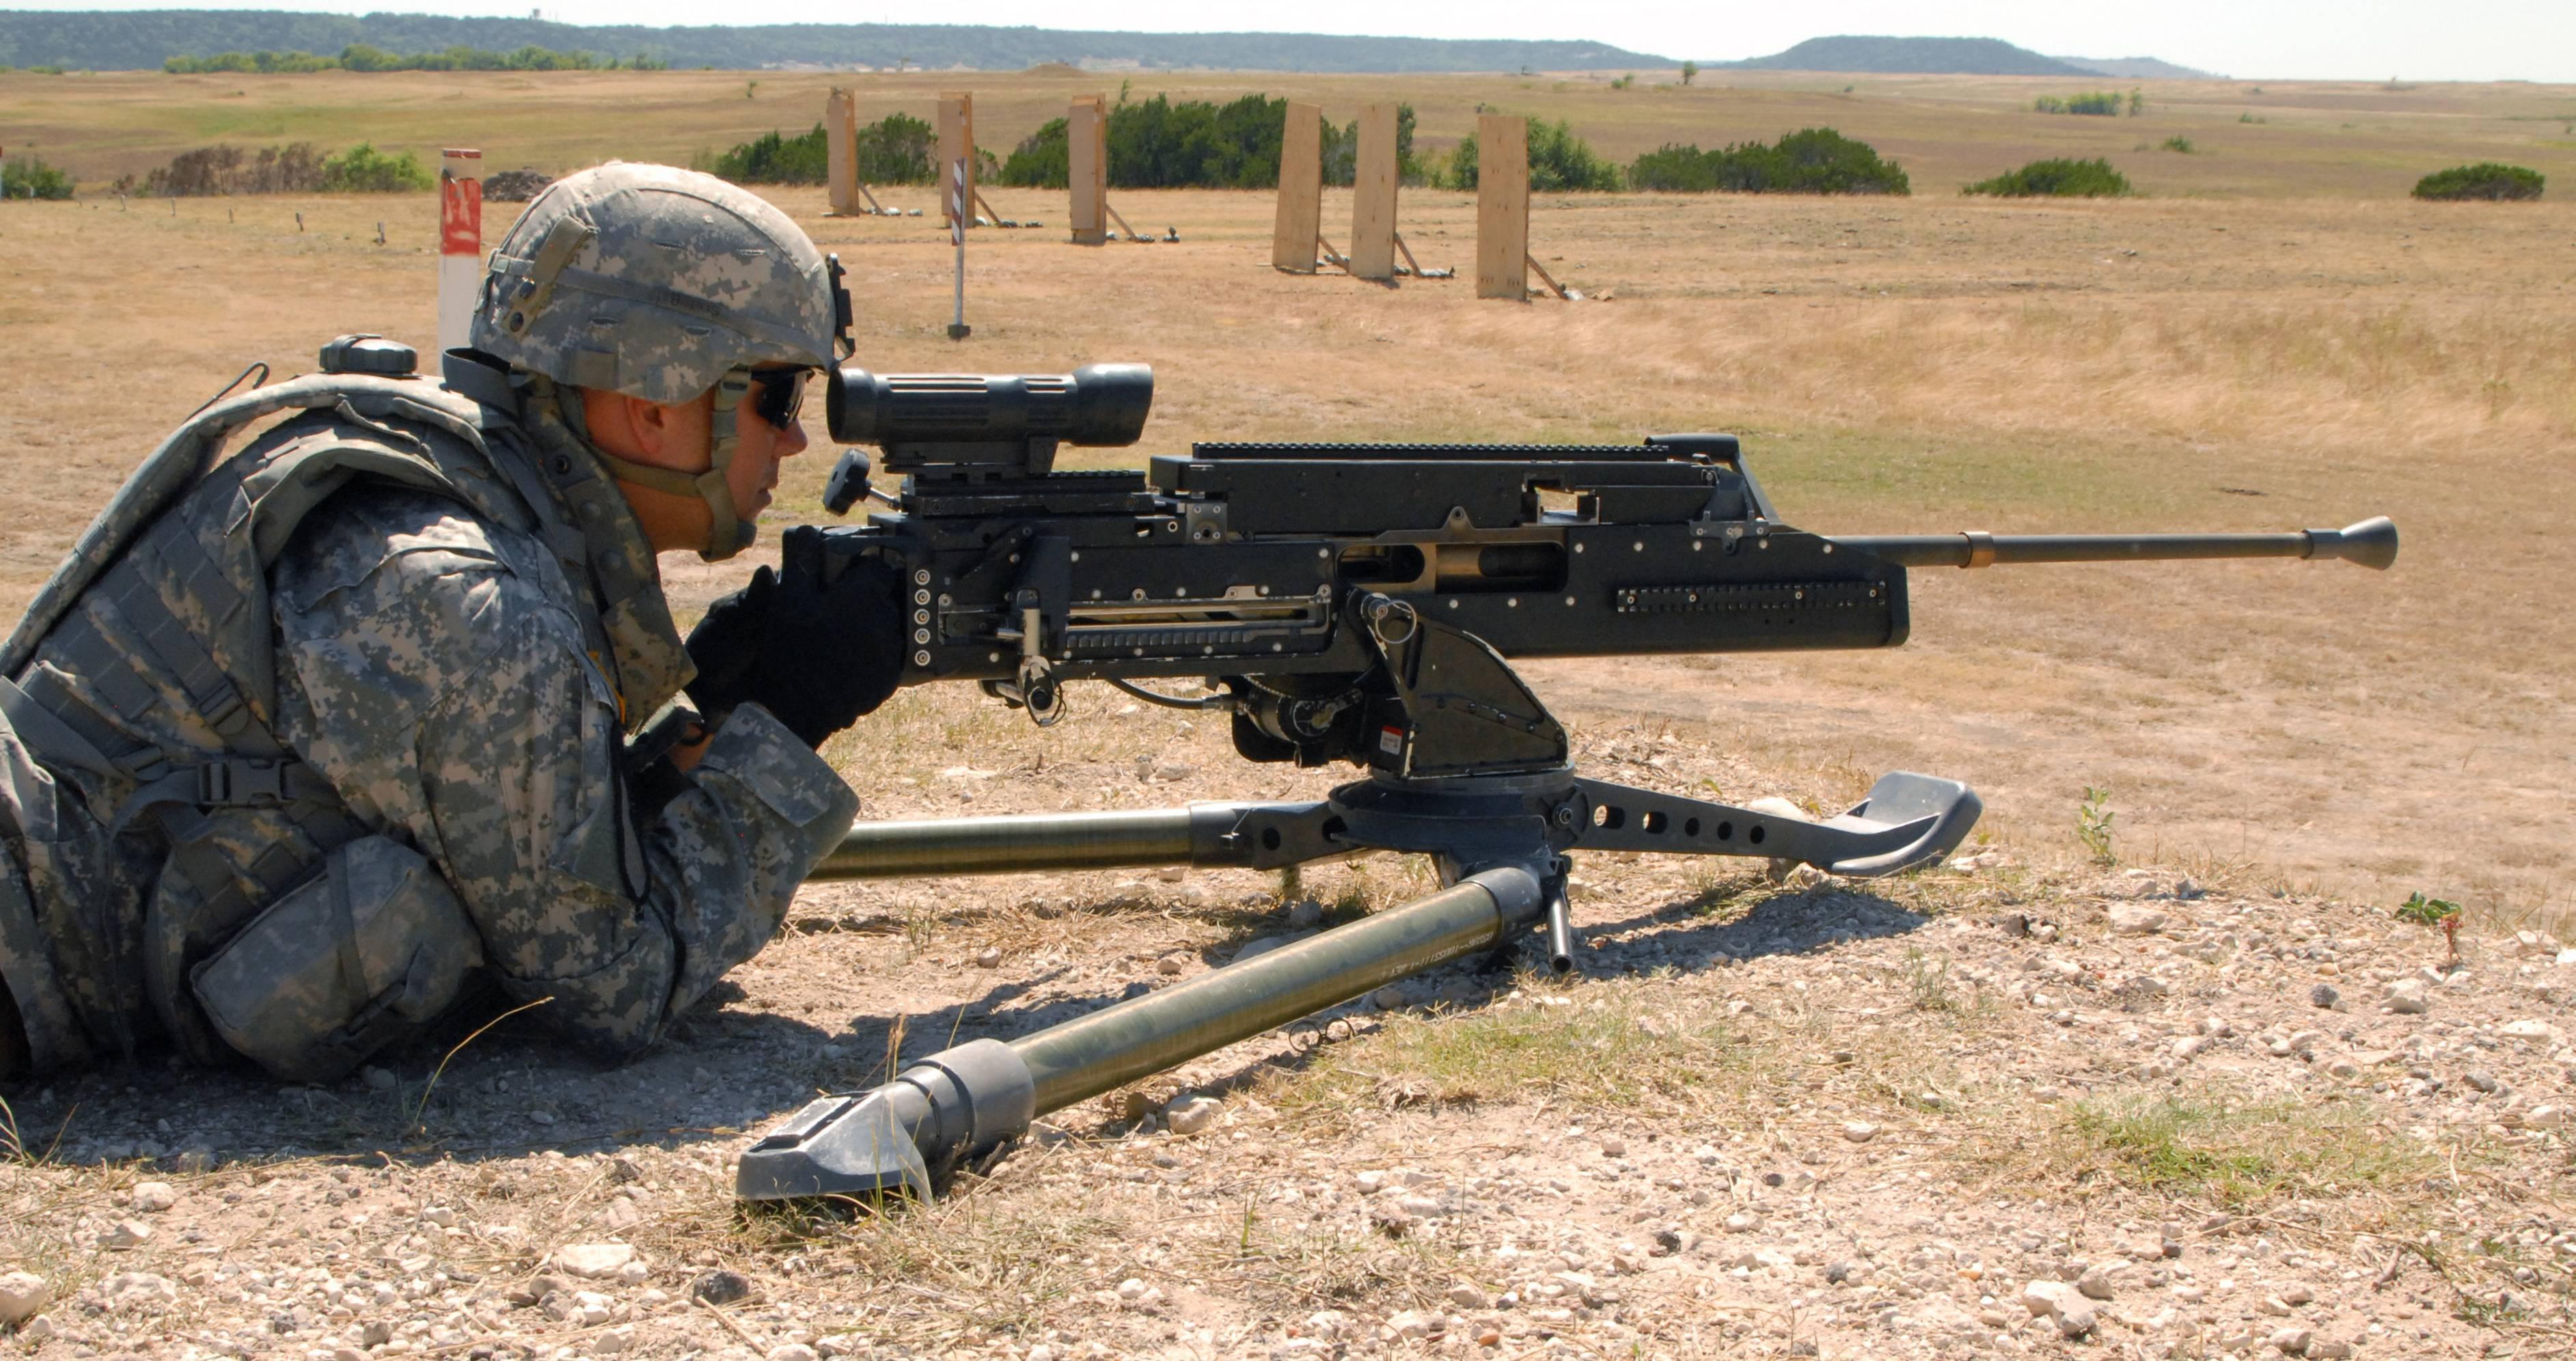 Самые знаменитые пистолеты и оружие конструктора джона браунинга (11 фото + 11 видео)